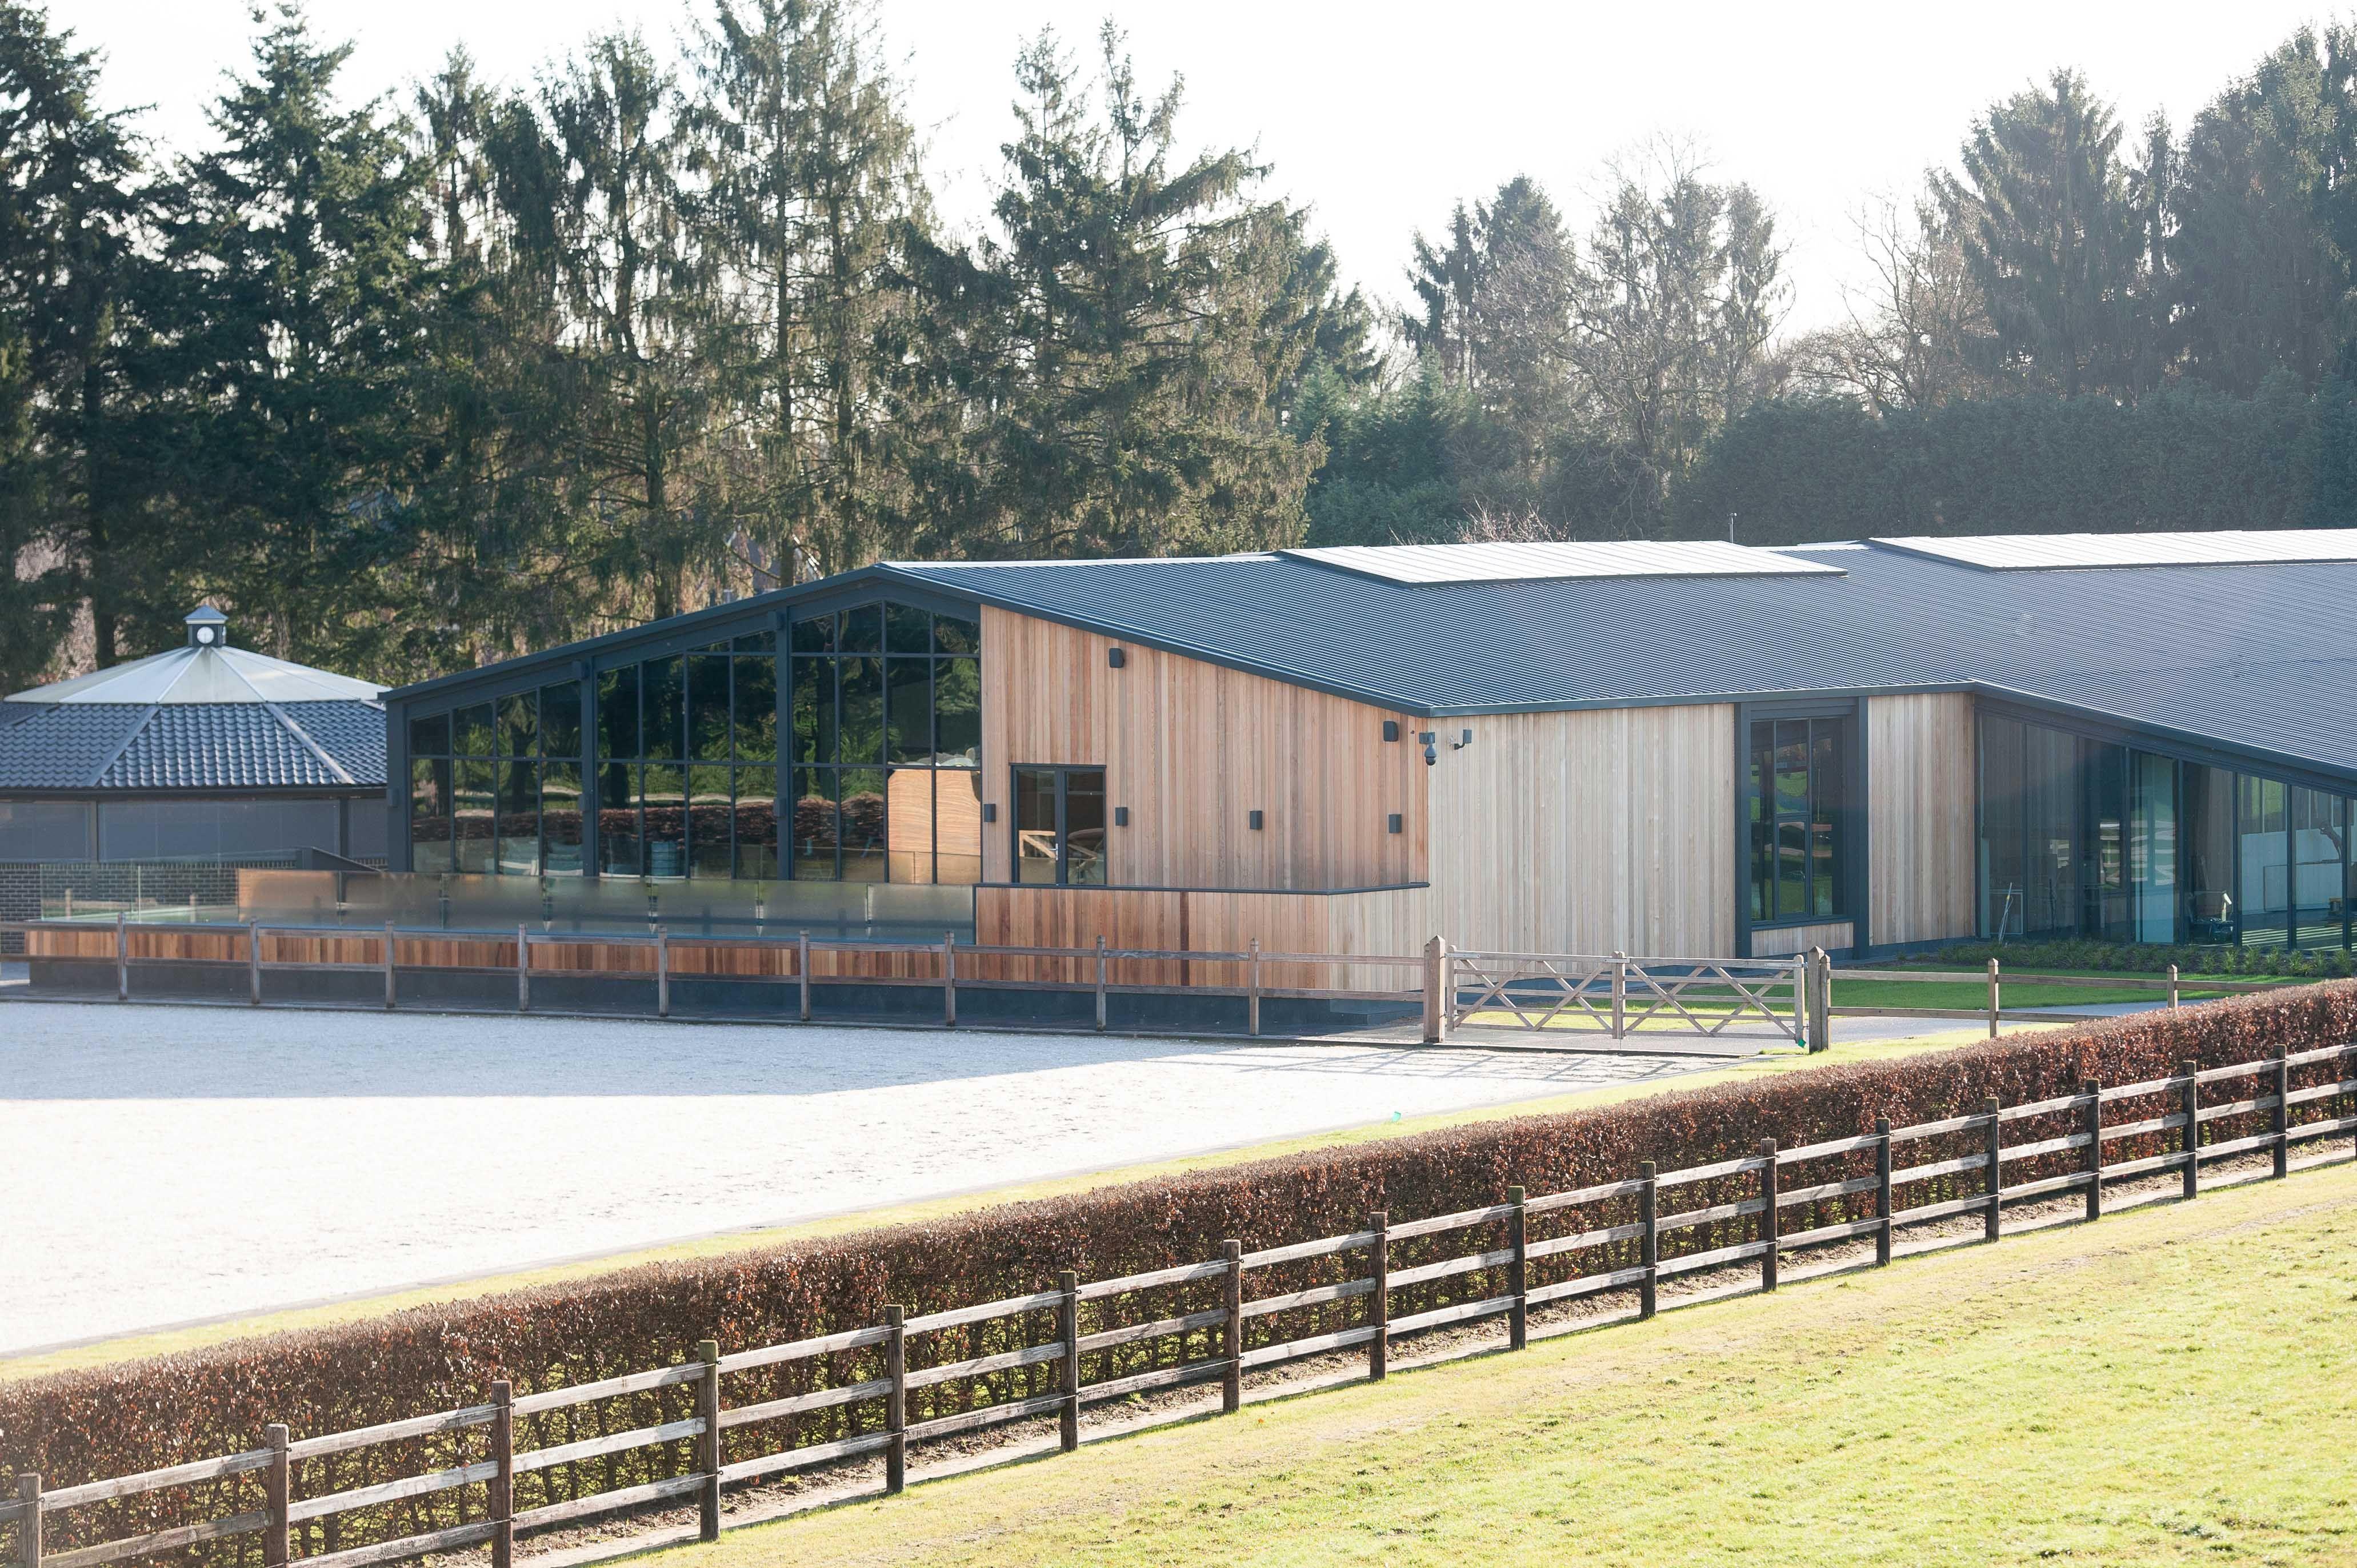 Stable Horses Equestrian Equestrianarchitecture Box Barn Architecture Riding